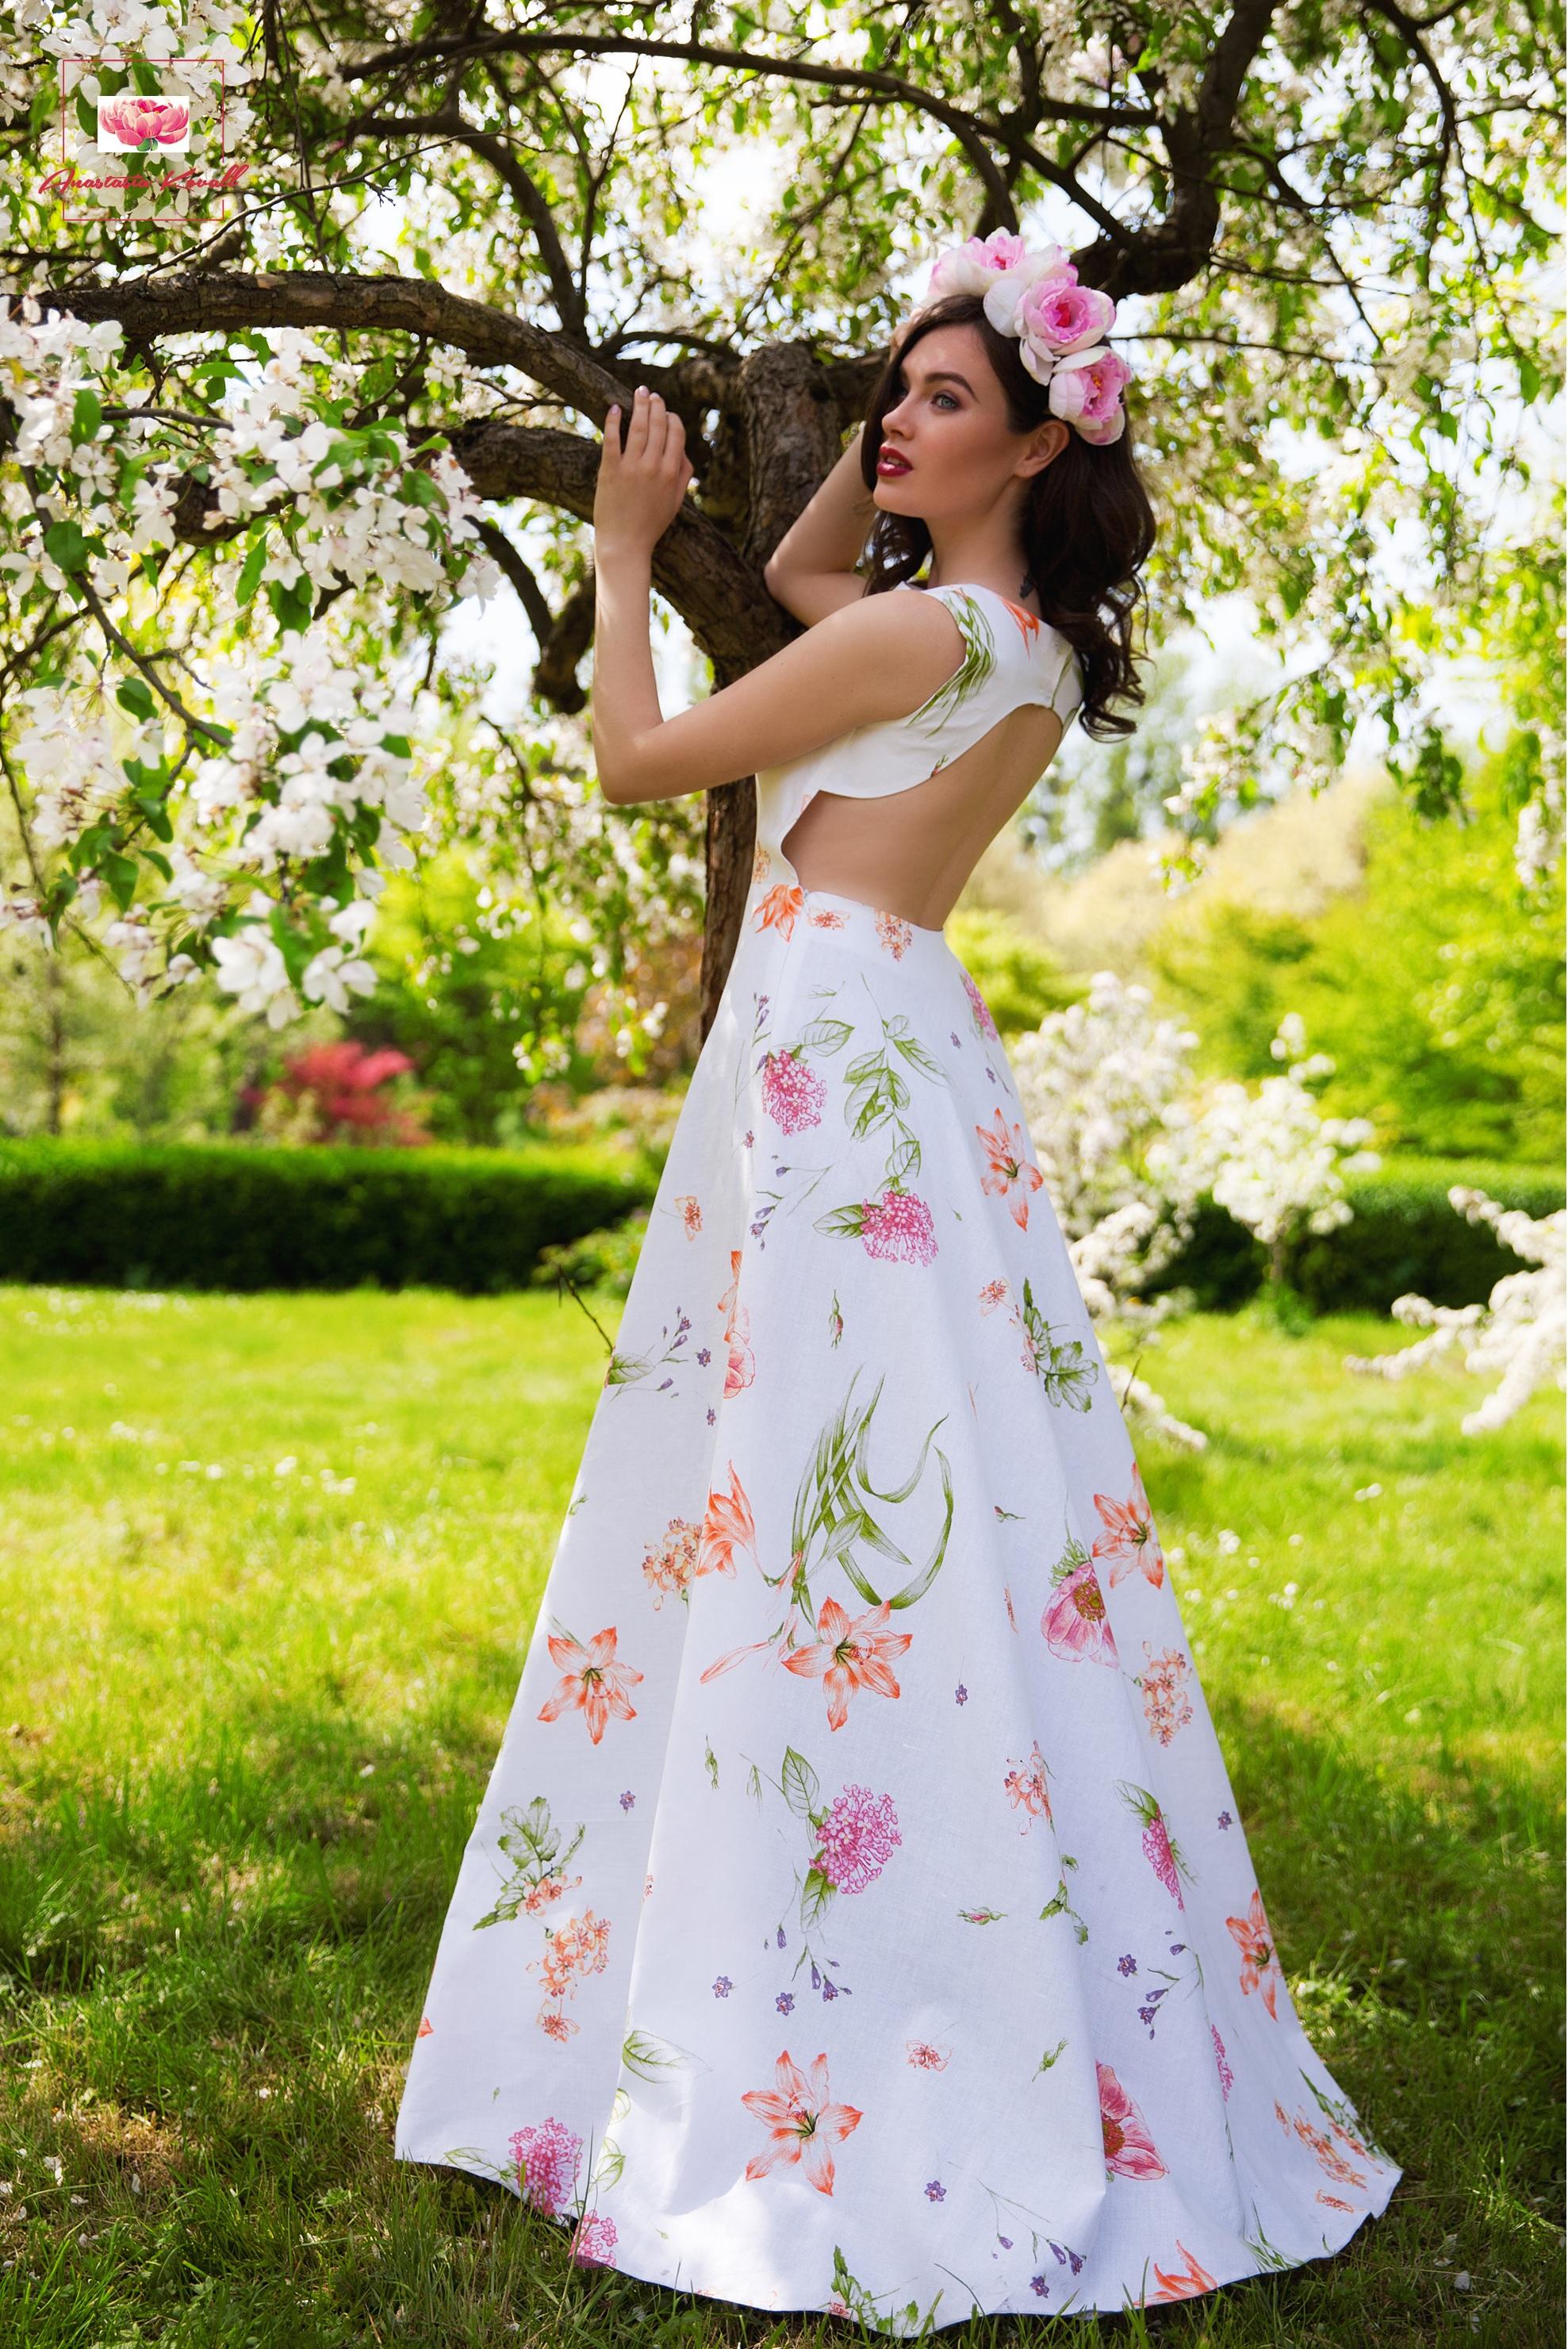 Сбор заказов. Аааа...Сумашедшей красоты летние платья! В таких сложно быть незамеченной! Мечта каждой девушки. От 40 до 50 размера -1